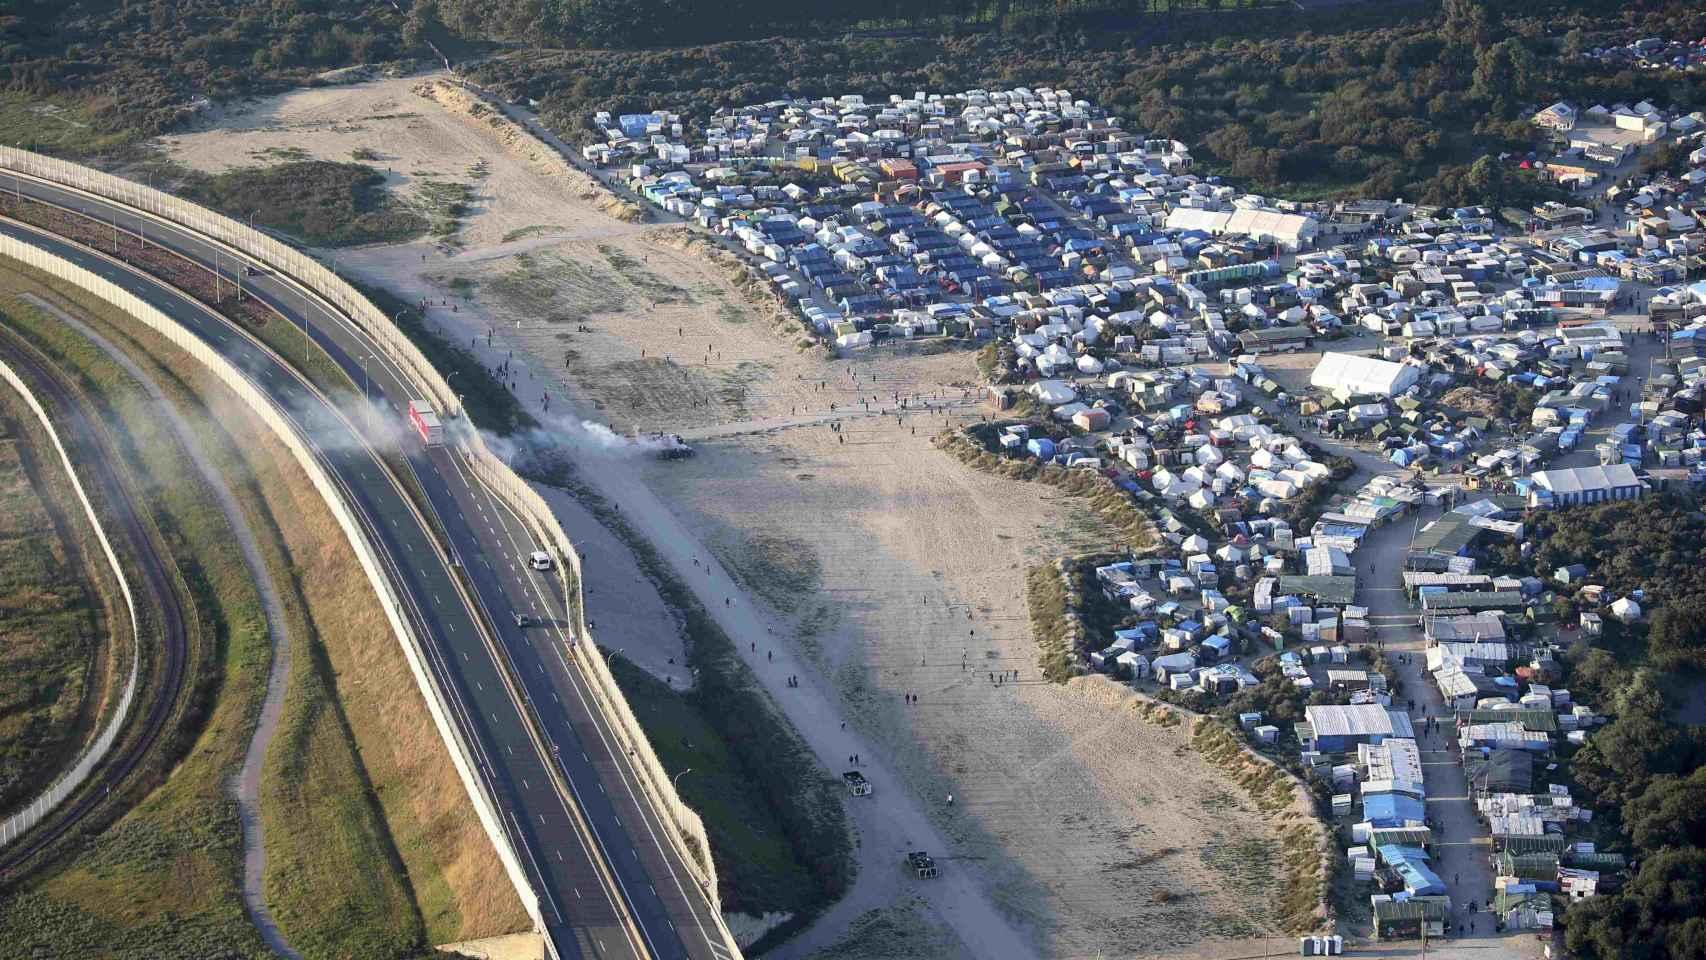 El campamento informal de Calais se encuentra junto a la autopista que lleva a Reino Unido.